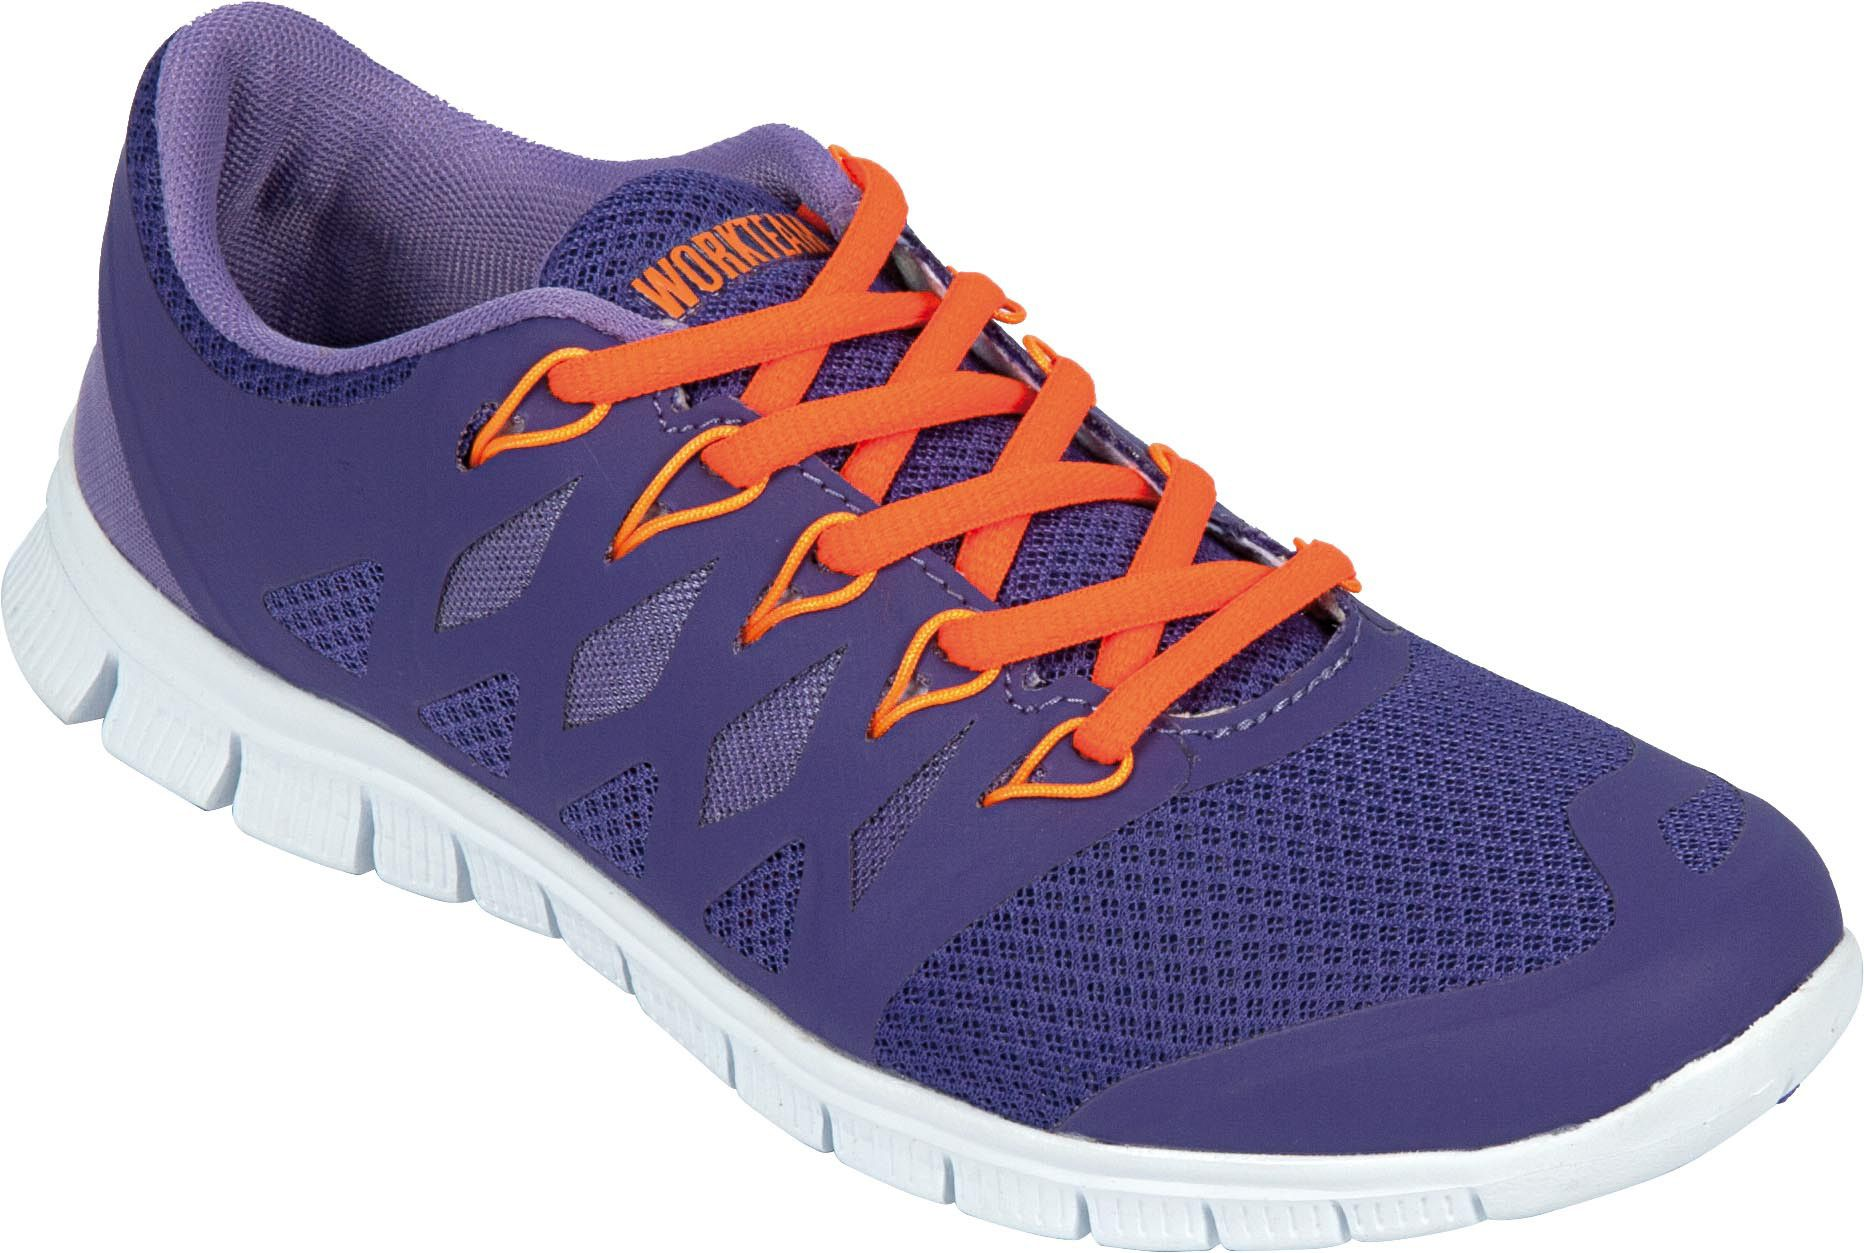 Calzado deportivo con rejilla suela cordones y suela rejilla de goma EVA. Color morado. 09df37